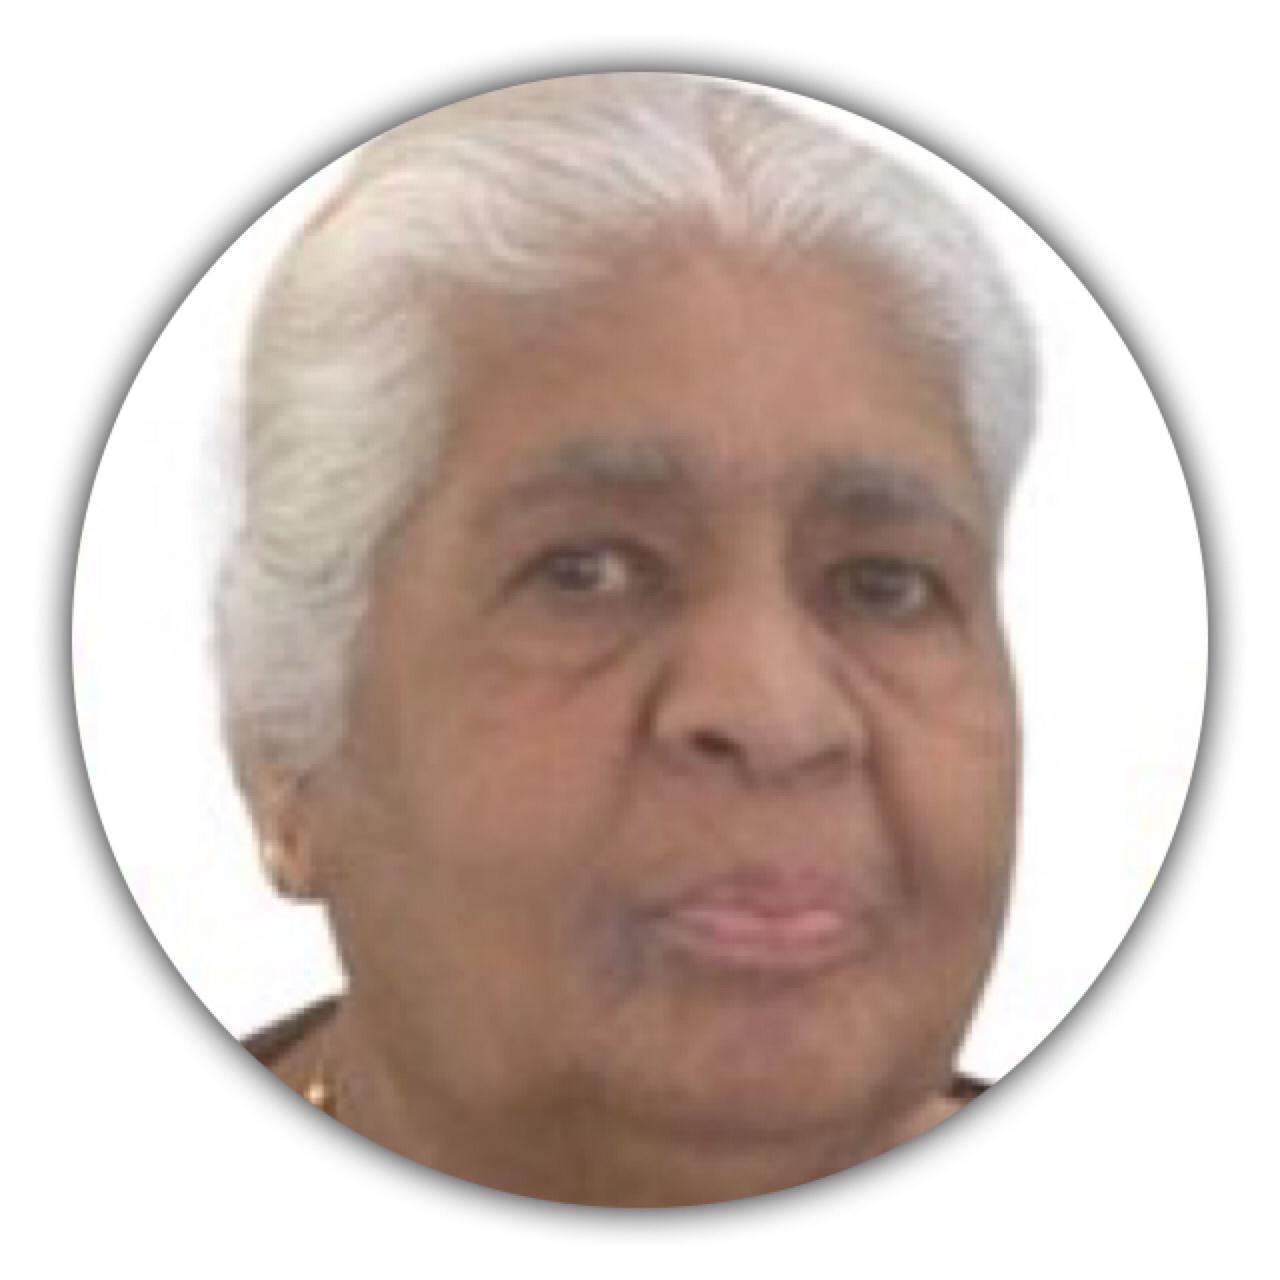 திருமதி. பரஞ்சோதி சாம்பசிவமூர்த்தி